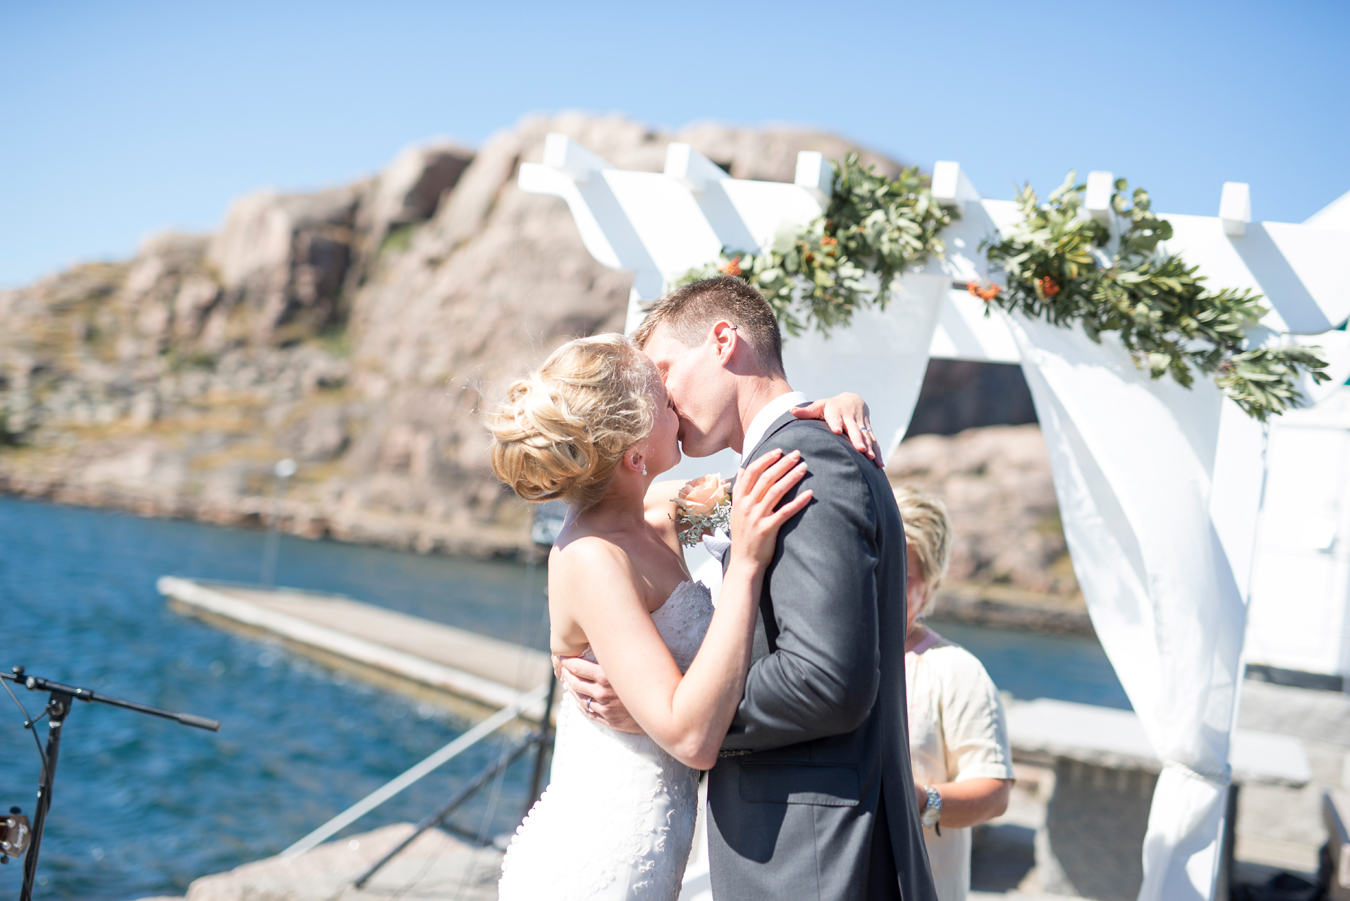 030-bröllopsfotograf-ulebergshamn-göteborg-neas-fotografi.jpg